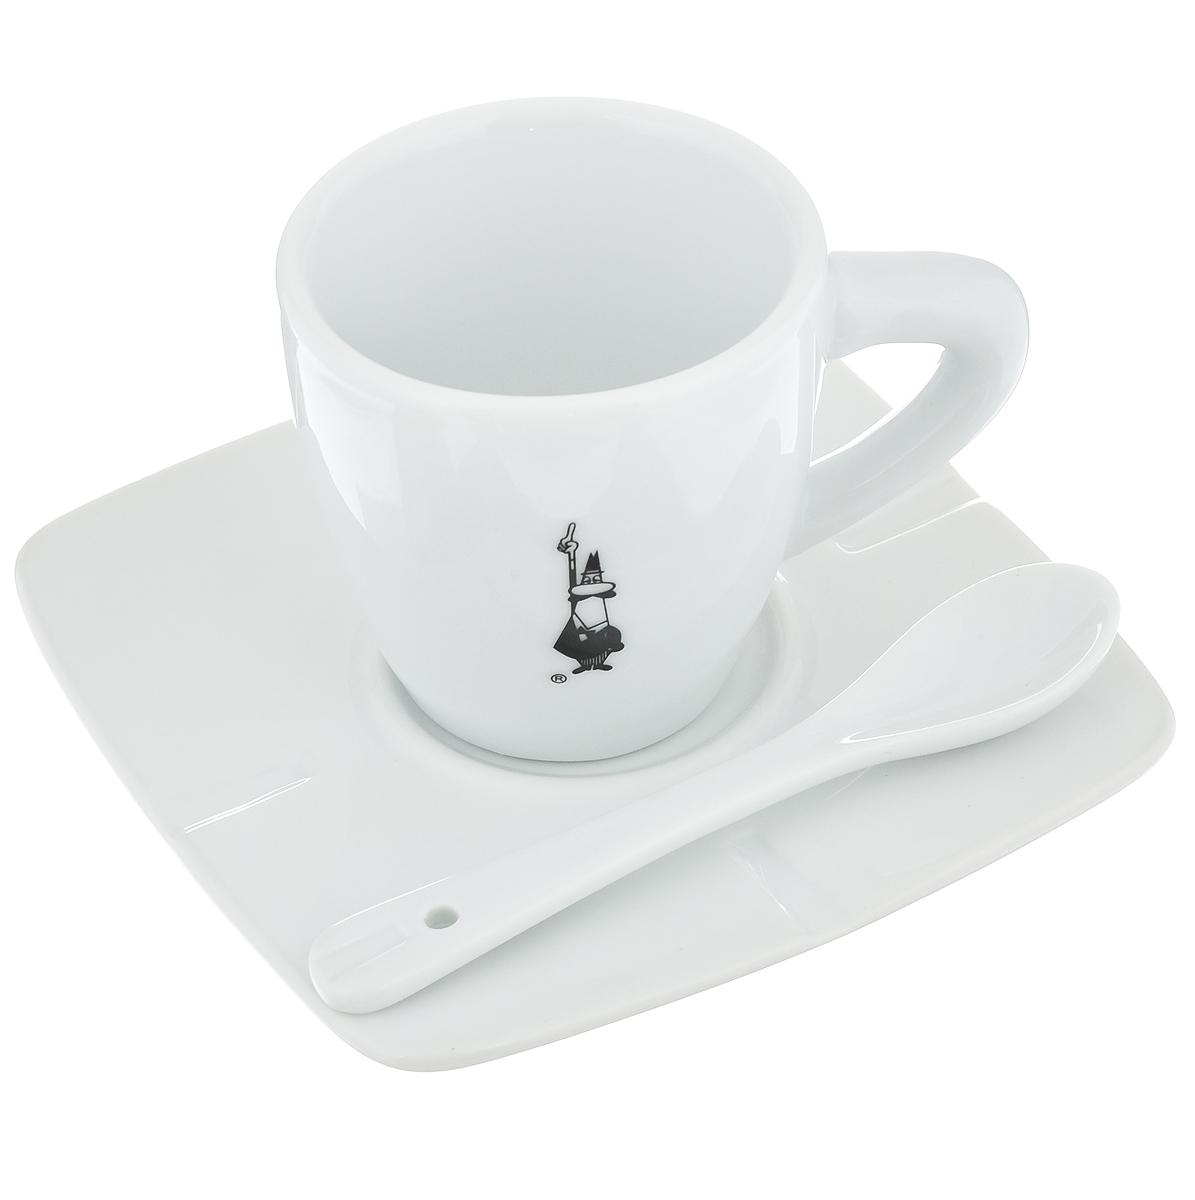 Набор для кофе Bialetti, цвет: белый, черный, 3 предмета98920020Набор для кофе Bialetti состоит из чашки, блюдца и ложки, изготовленных из фарфора. Набор классического дизайна станет изысканным и желанным подарком любителю настоящего кофе. Можно мыть в посудомоечной машине.Объем чашки: 80 мл. Высота чашки: 6 см. Диаметр чашки: 6 см. Размер блюдца: 11,4 см х 11,4 см. Длина ложки: 10,5 см. Размер рабочей части ложки: 3,5 см х 2 см.Дизайн: Италия.